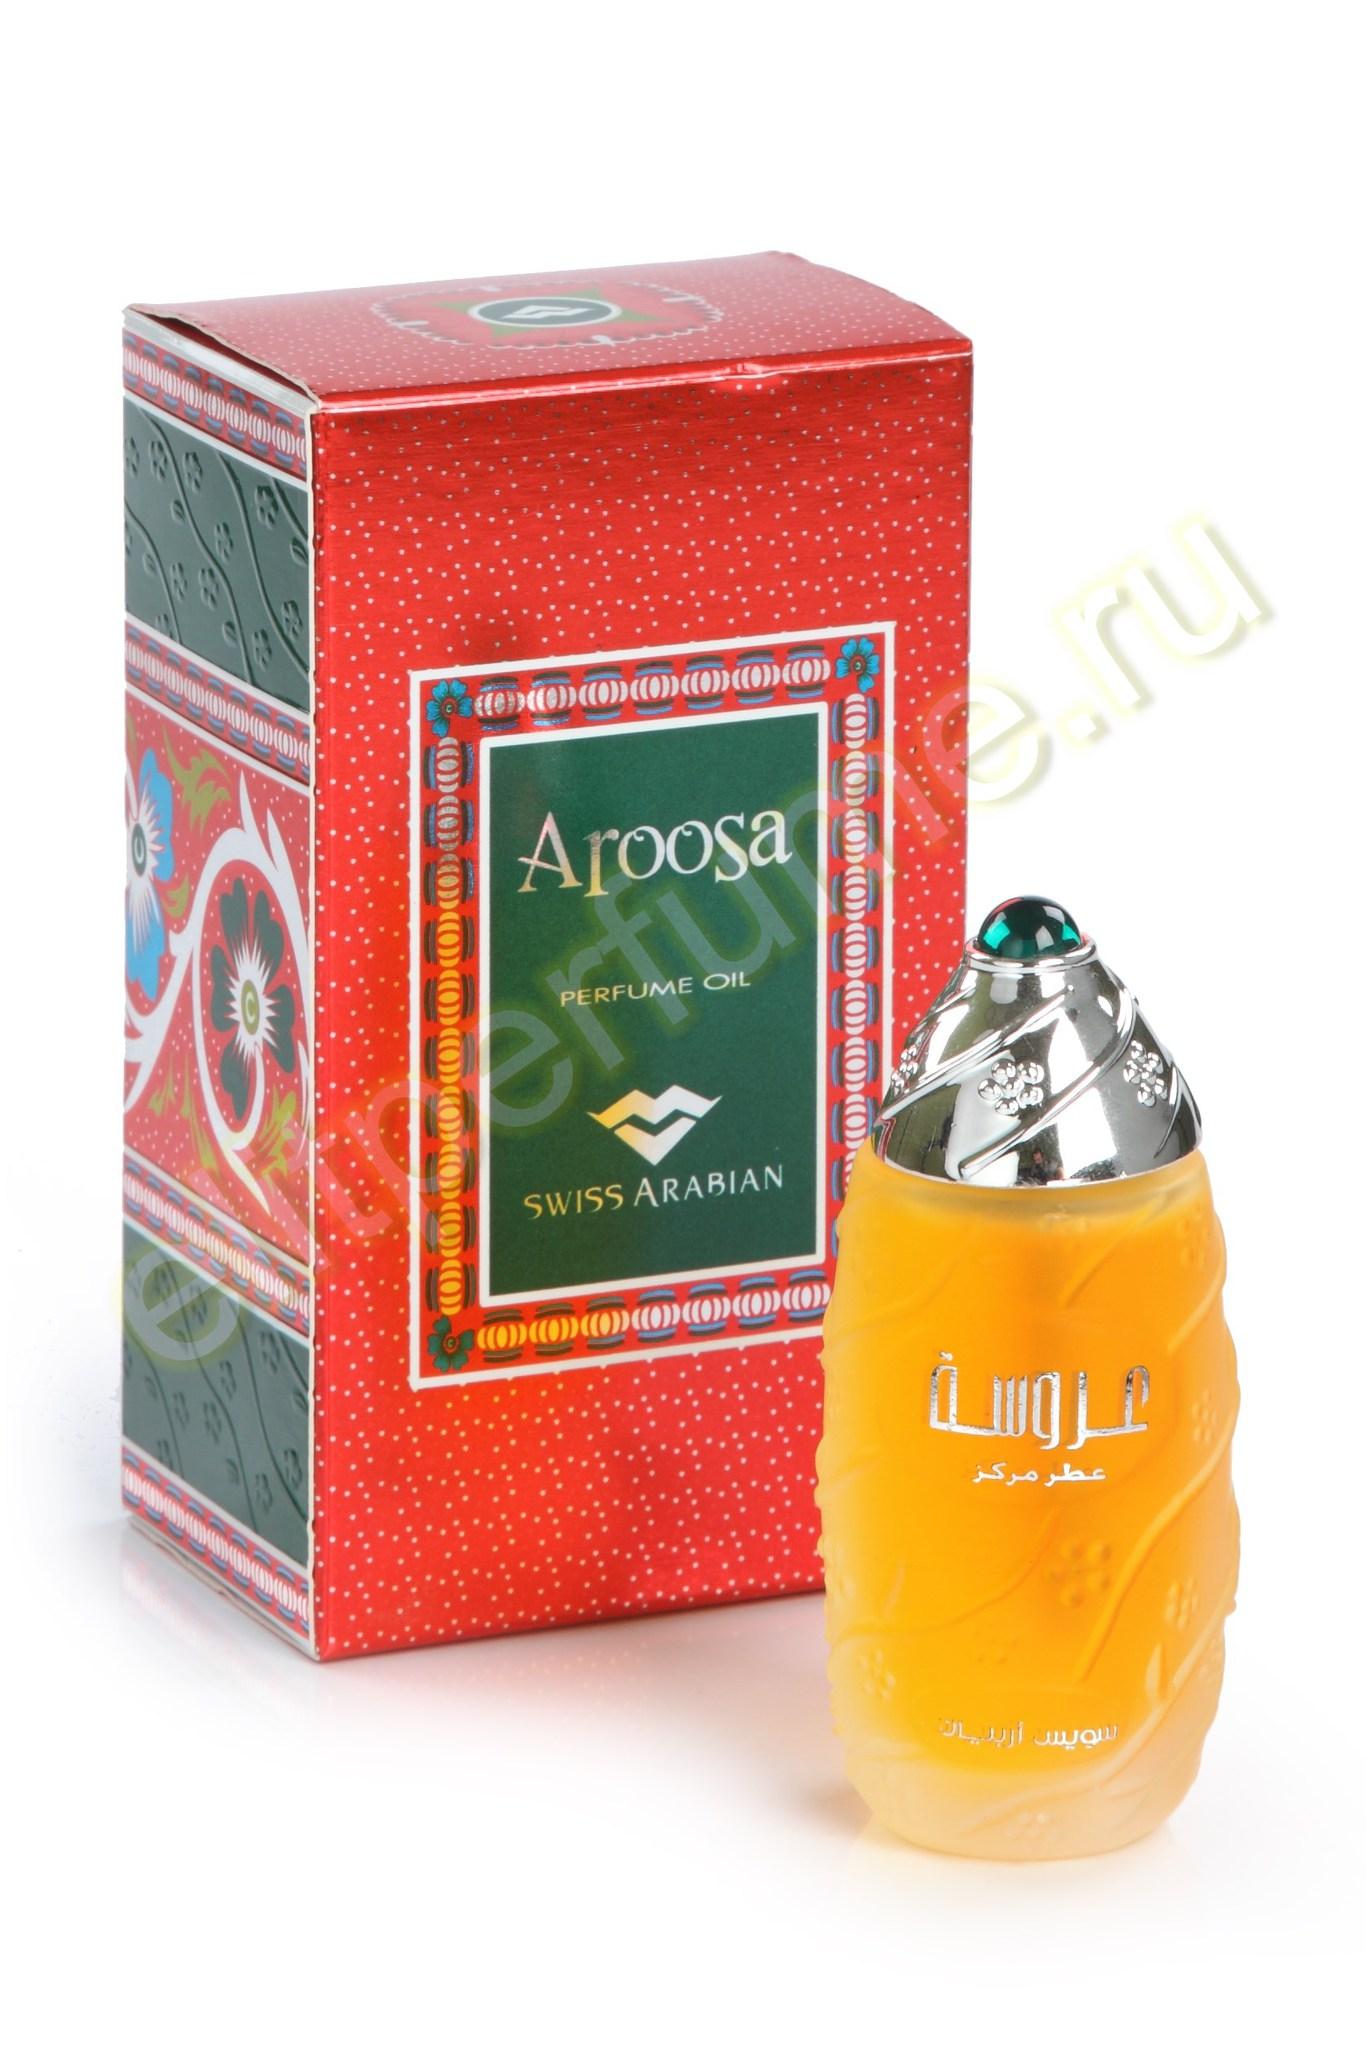 Пробники для арабских духов Aroosa 1 мл арабские масляные духи от Свисс Арабиан Swiss Arabian